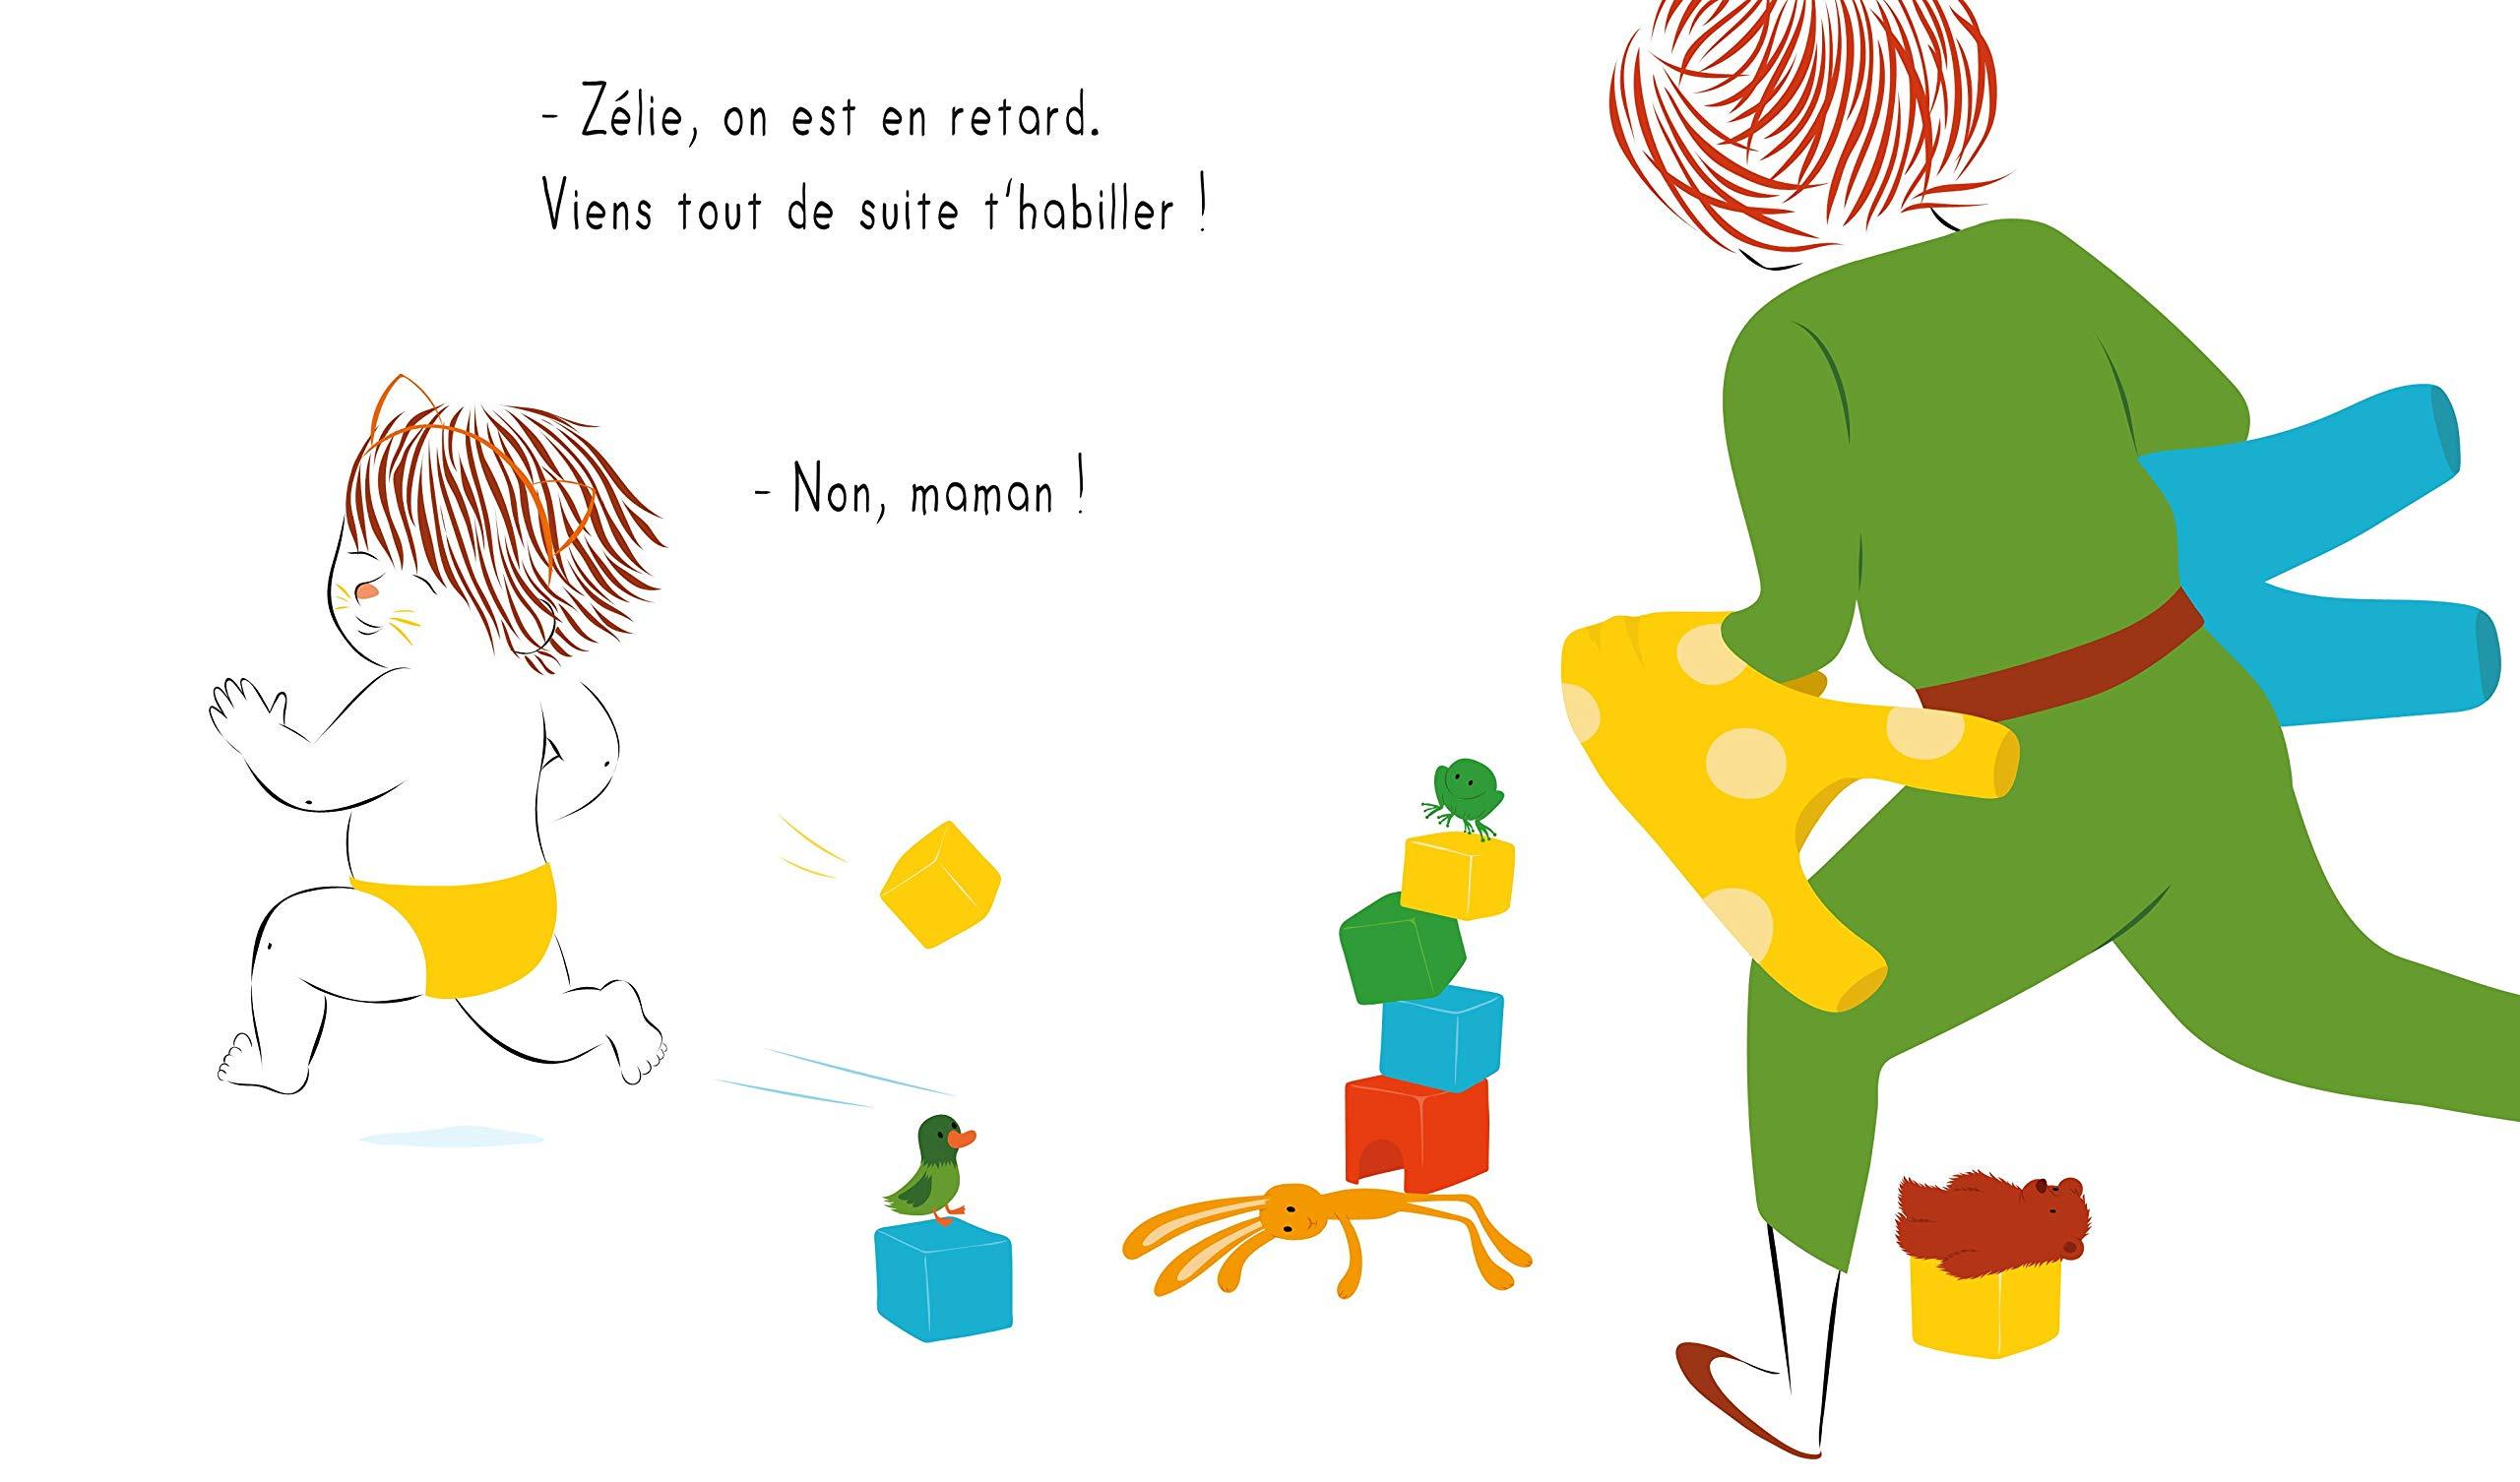 zelie-viens-t-habiller-1